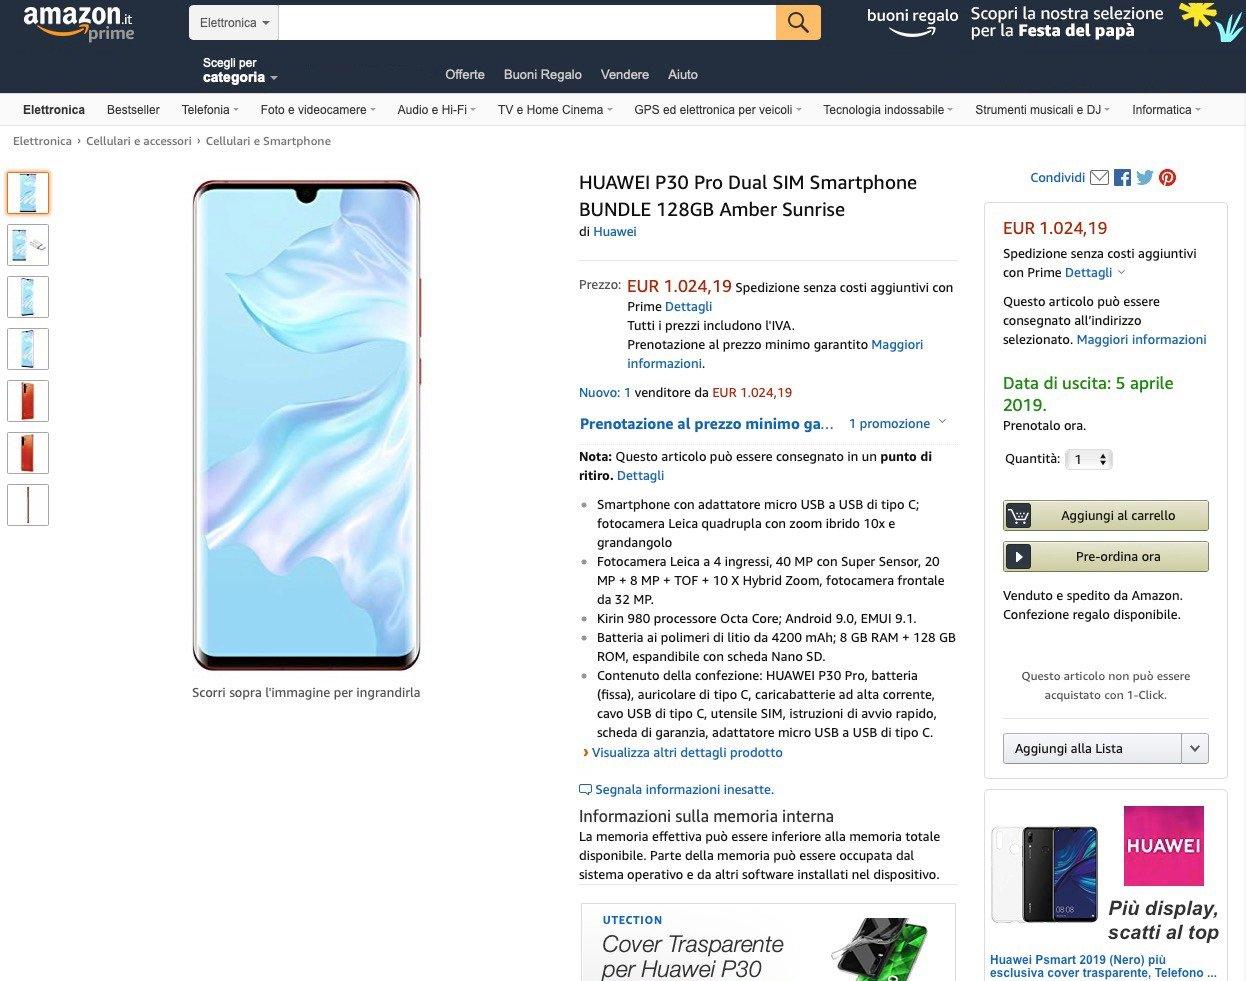 Huawei P30 Pro : tout fuite sur Amazon Itaila !